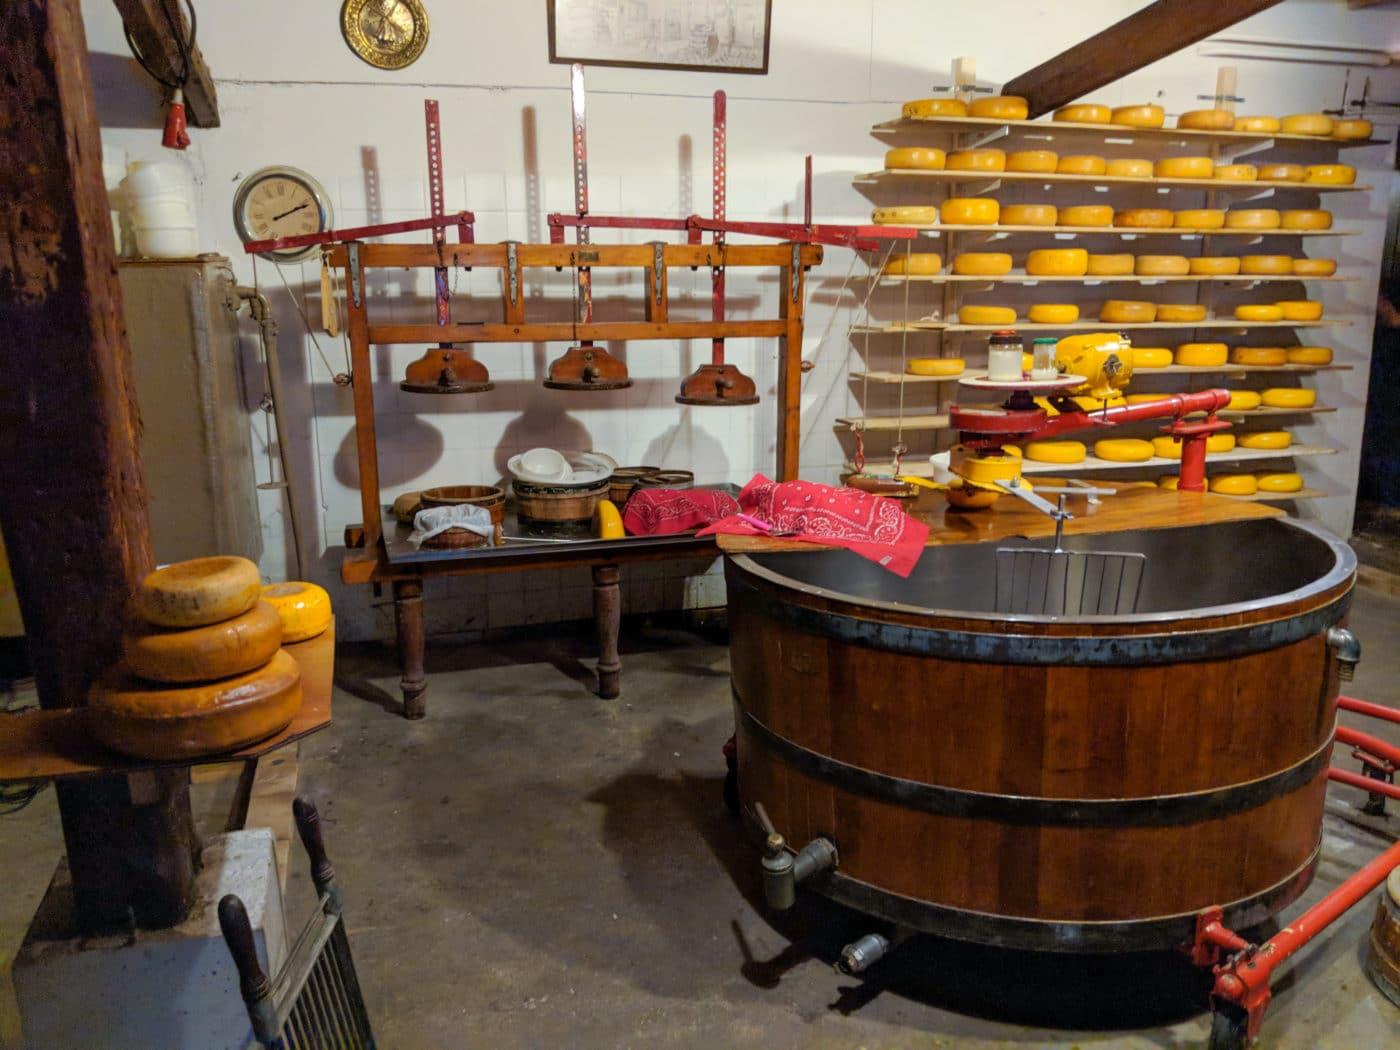 Amsterdam Cheese shop at farm